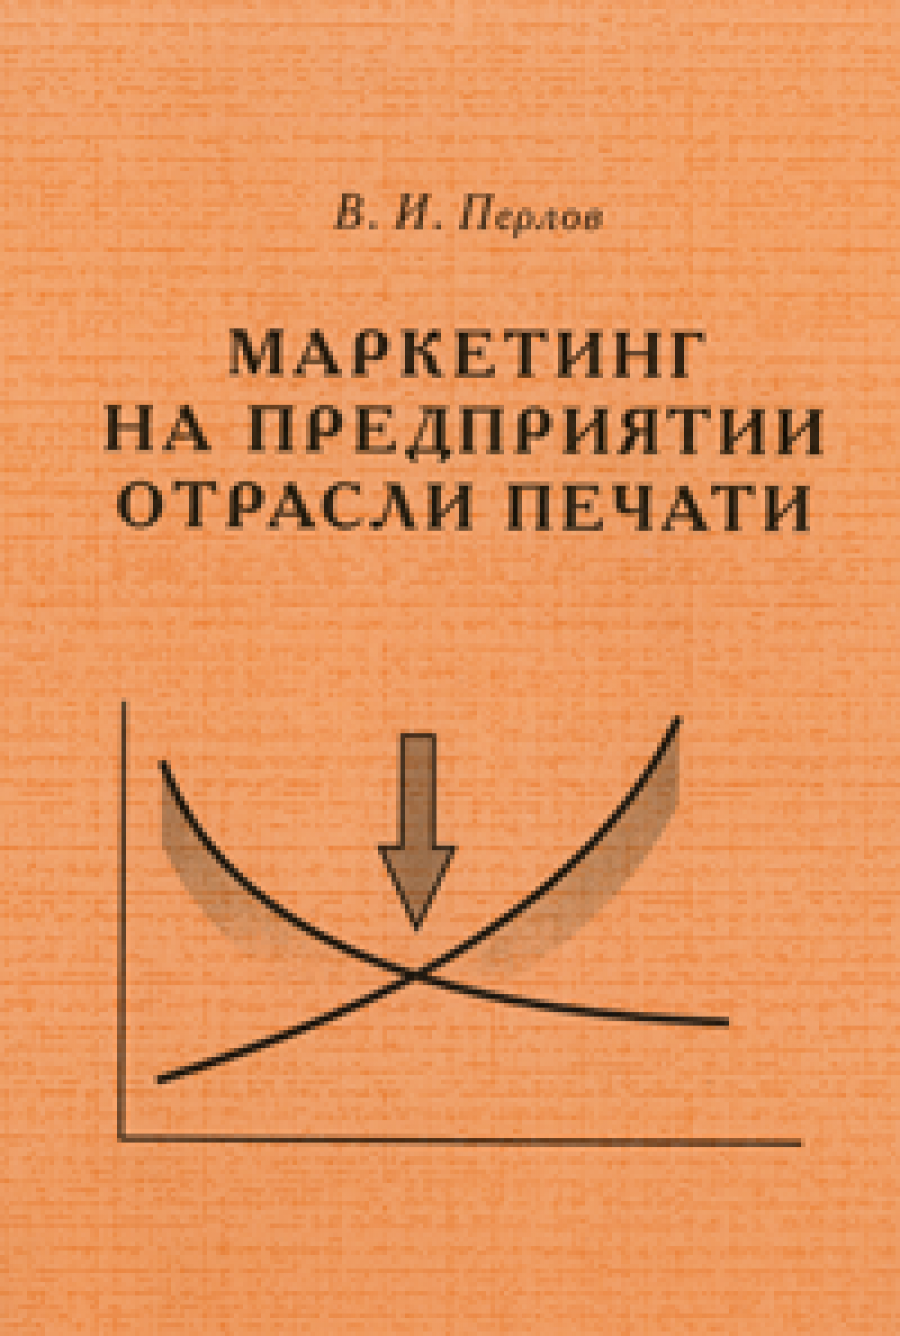 Обложка книги:  перлов в.и. - маркетинг на предприятии отрасли печати